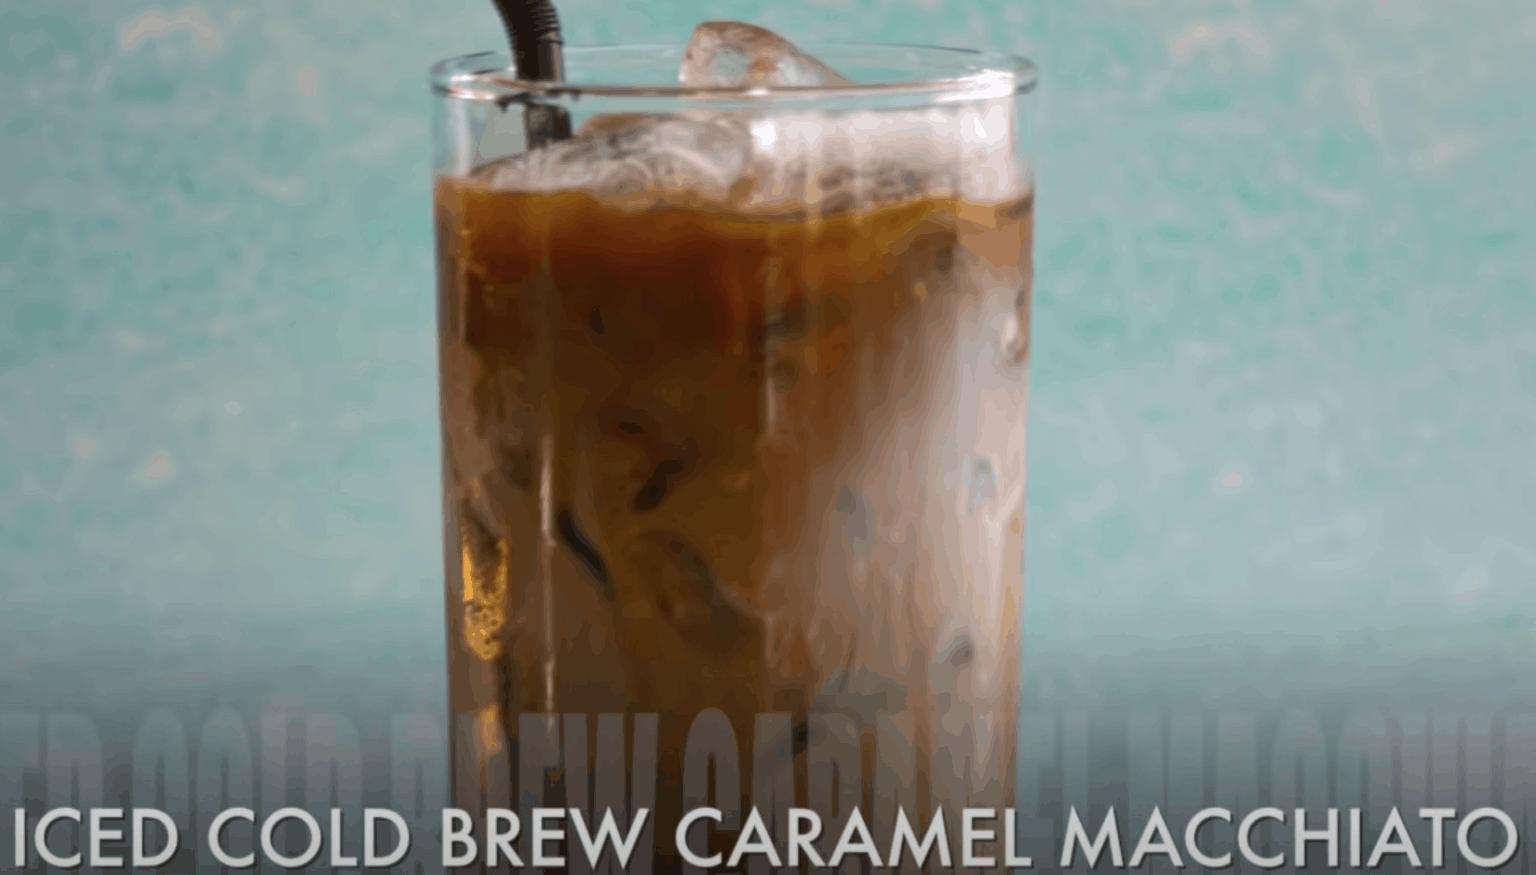 Iced Cold Brew Caramel Macchiato